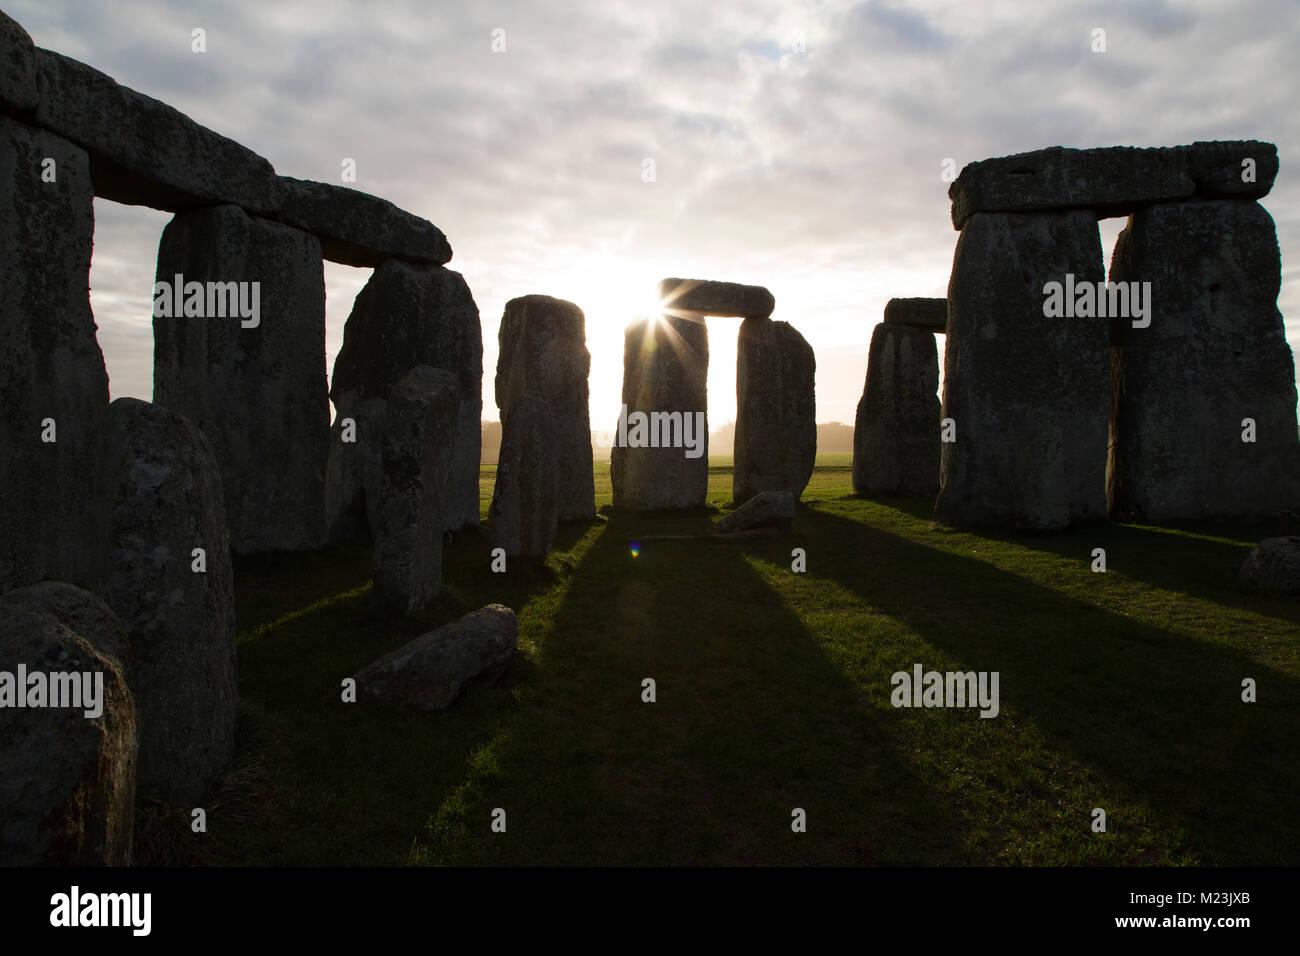 Le cercle de pierres de Stonehenge dans le Wiltshire, Angleterre. L'ancien monument date du néolithique, Photo Stock